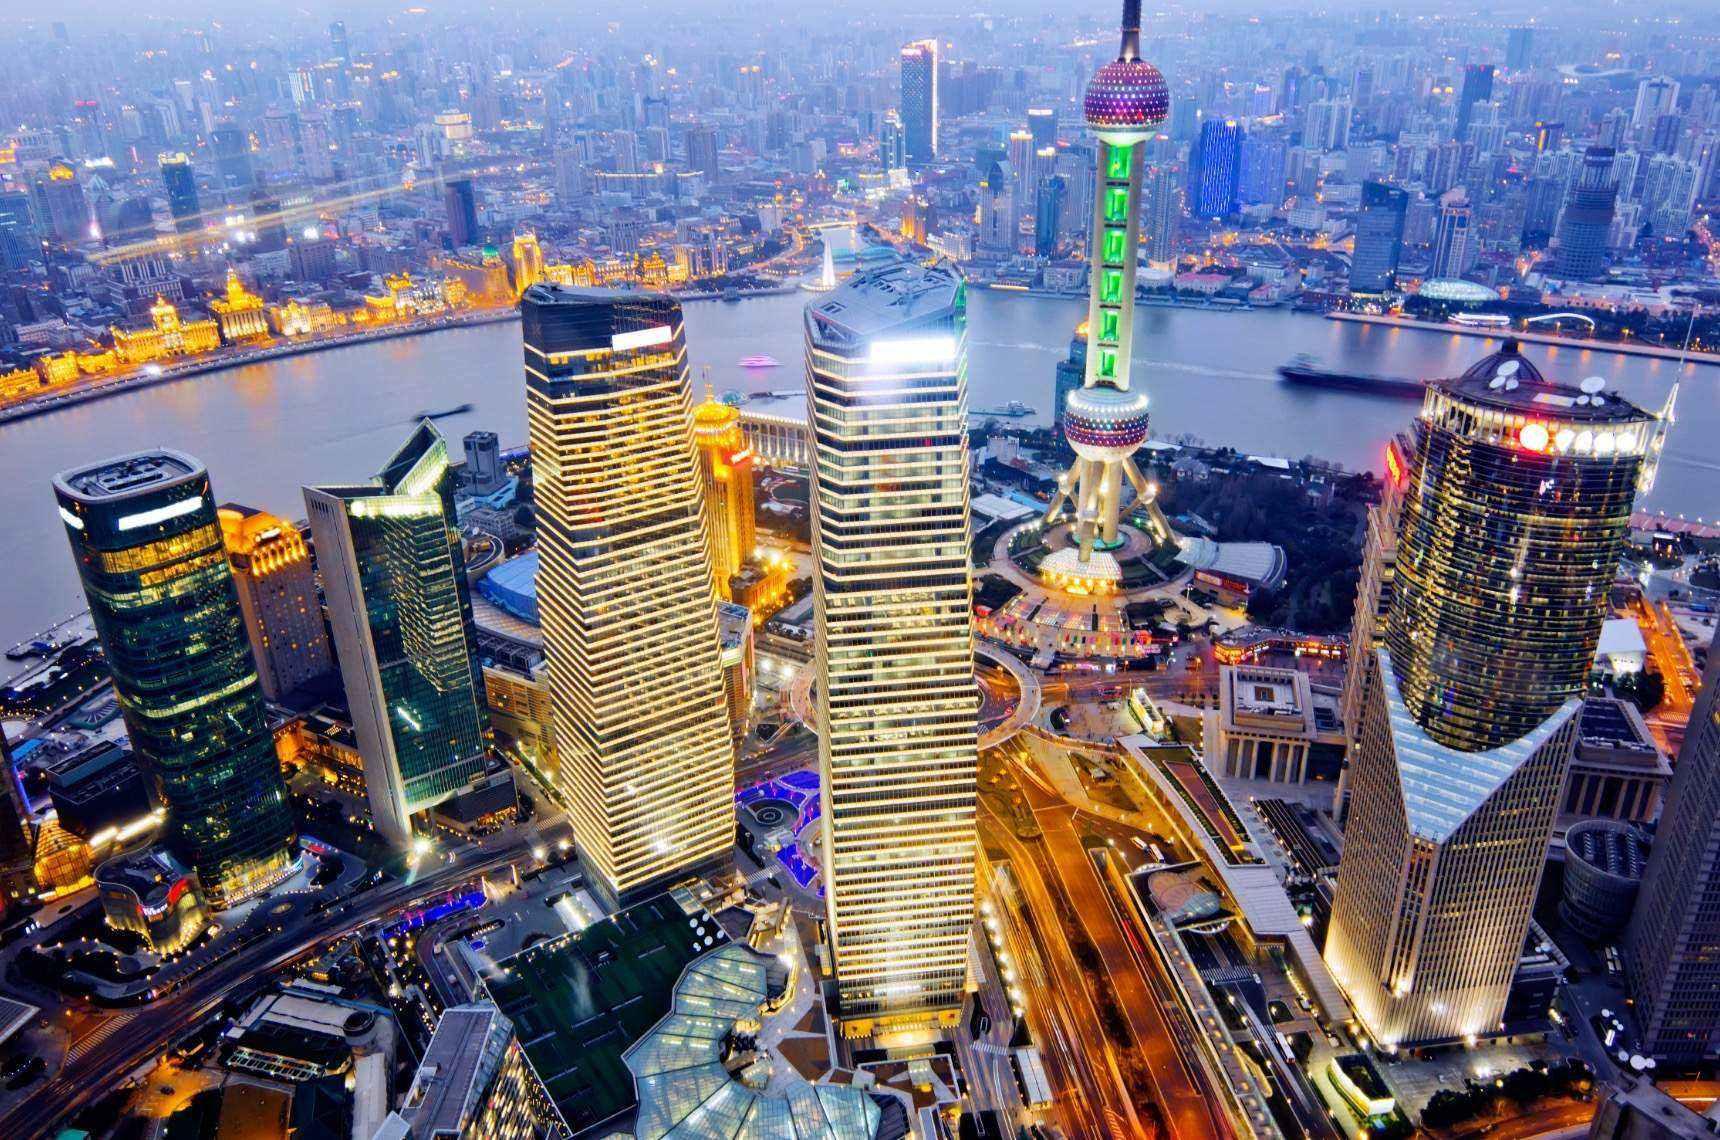 吳清:公募REITs發展將進一步助力上海國際金融中心建設